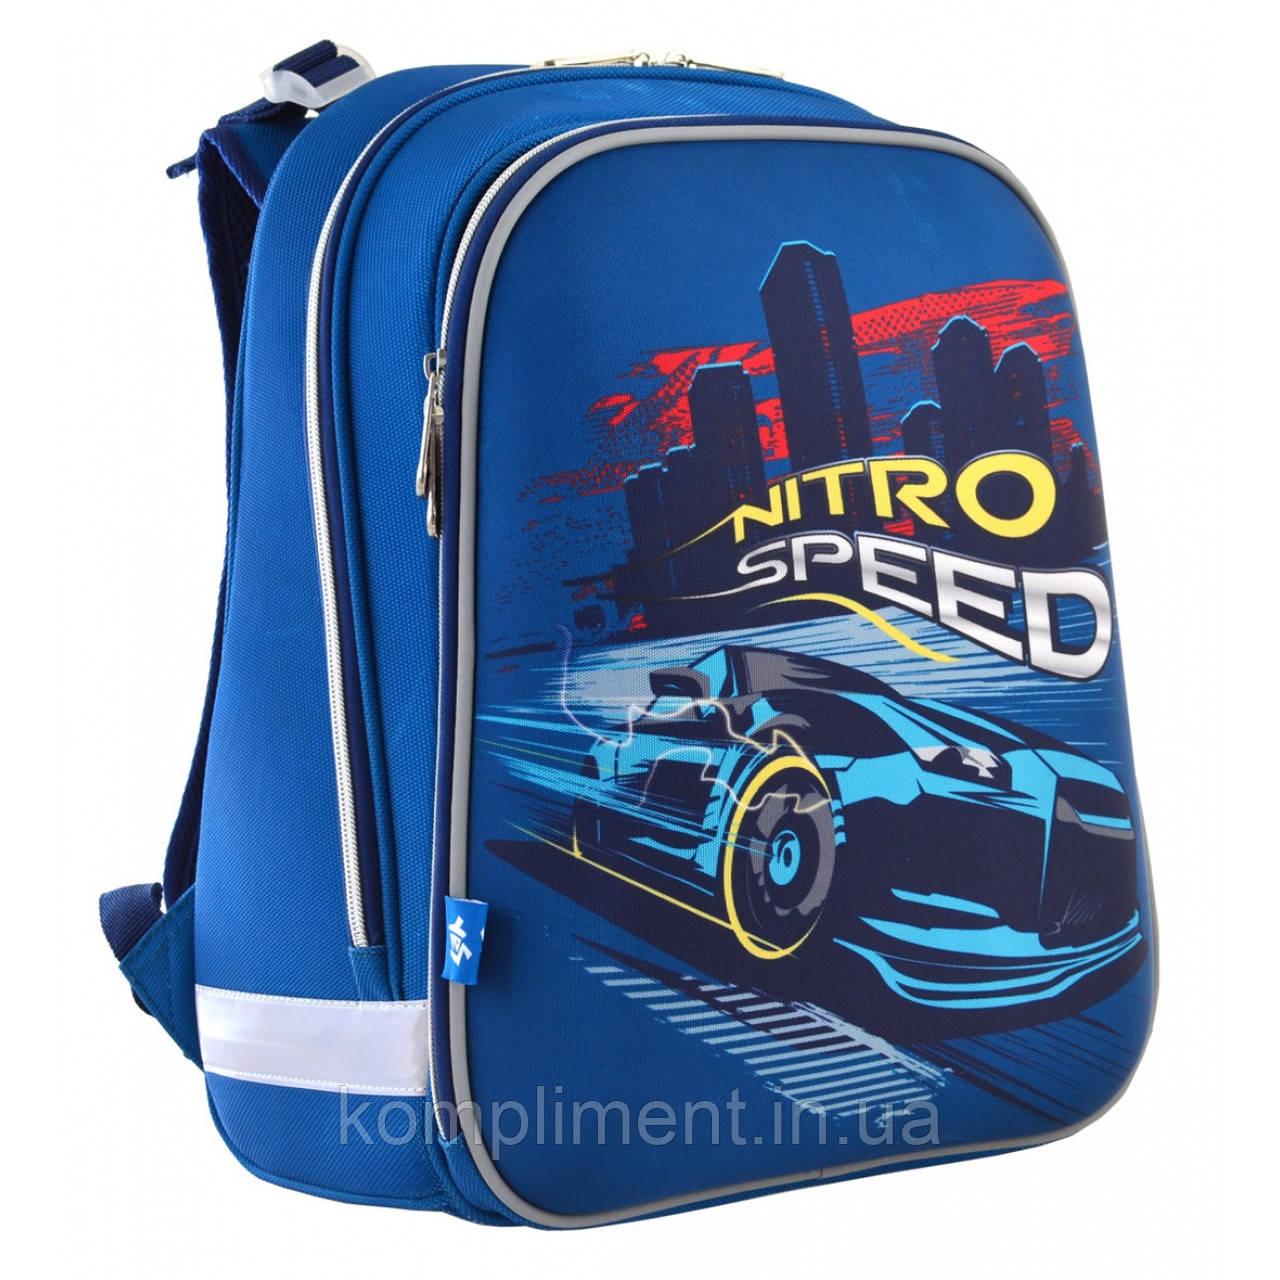 """Рюкзак школьный каркасный ортопедический для мальчика Н-12  """"Nitro Speed"""""""